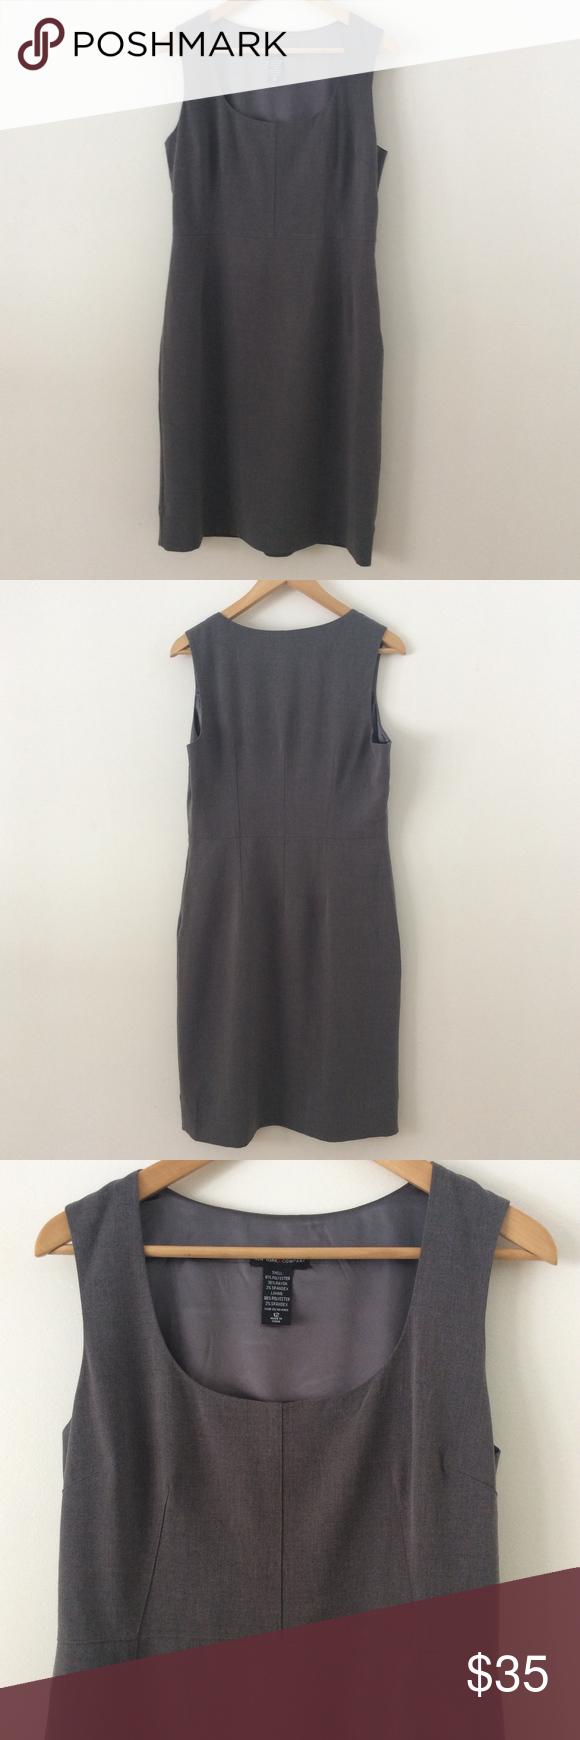 New york u company gray jumper dress size grey jumper dress